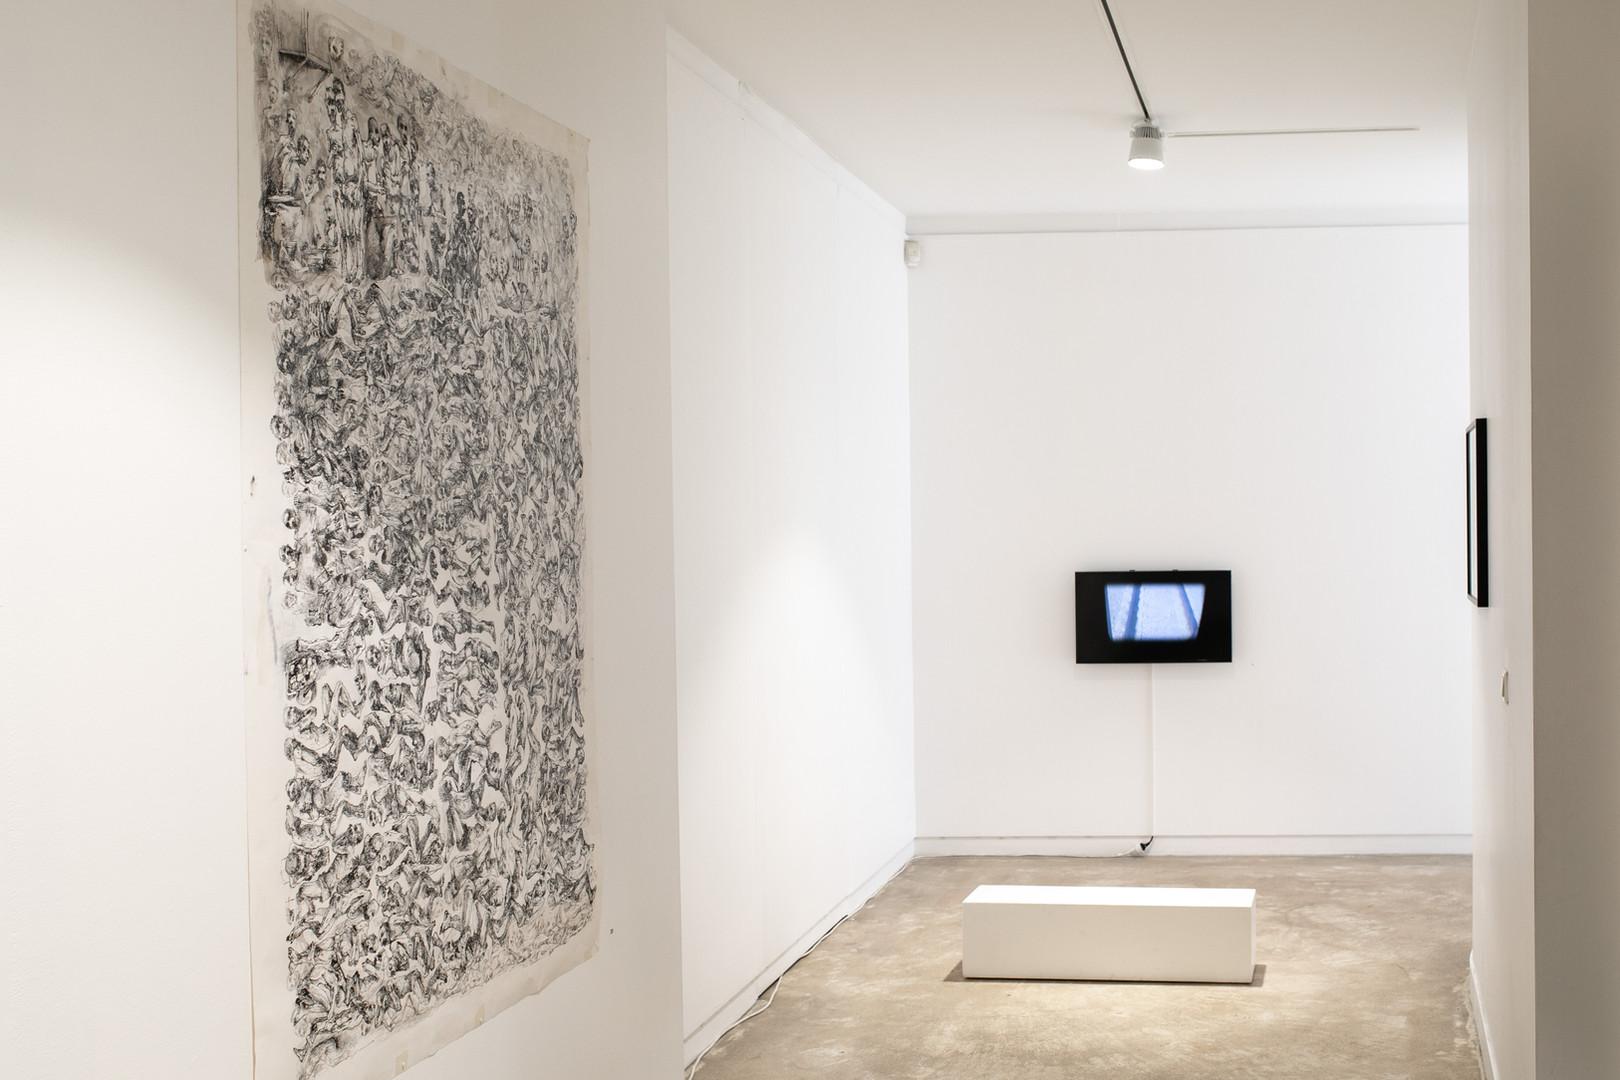 Vue d'ensemble de l'exposition ©Célia Pernot